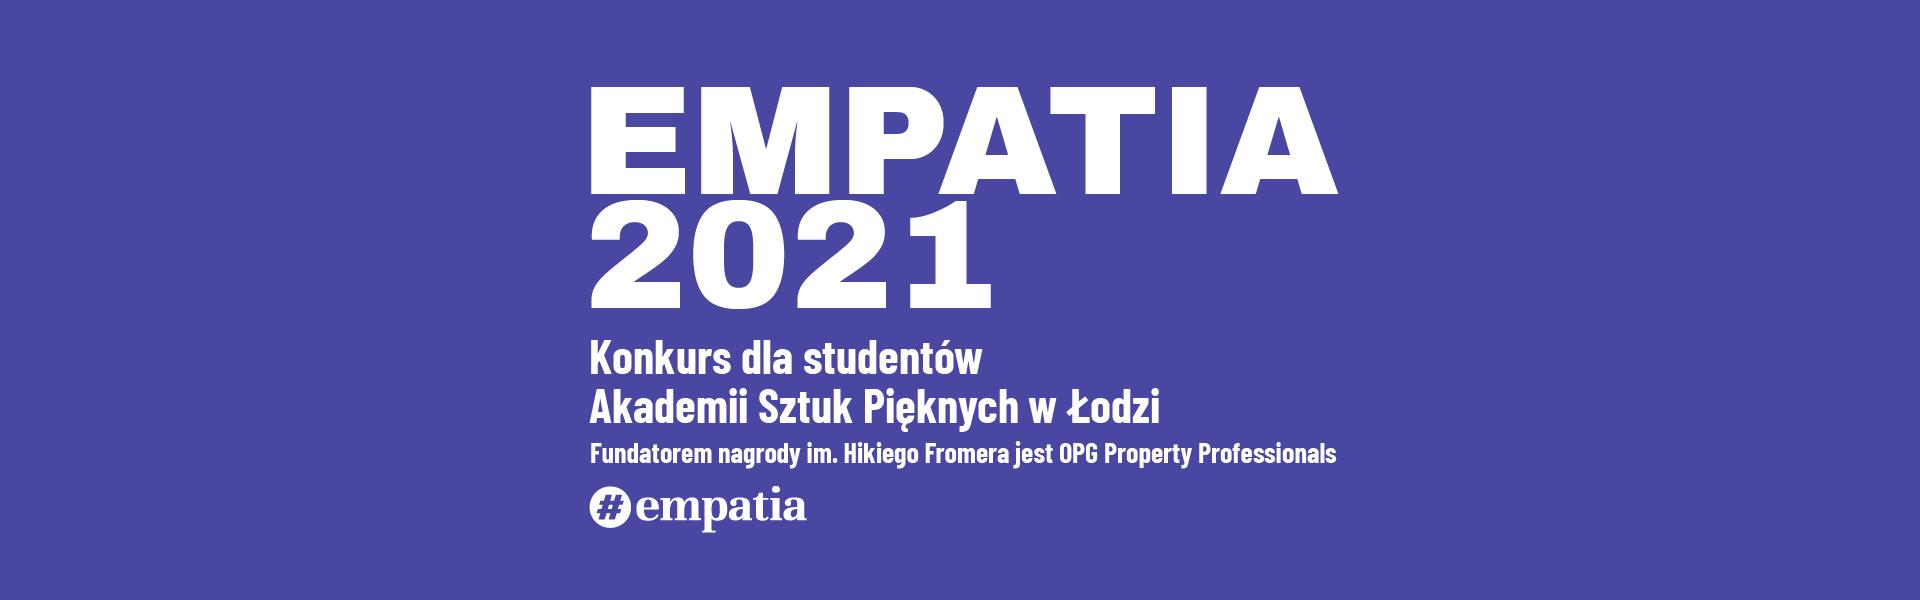 empatia_2021_konkurs_OPG_www